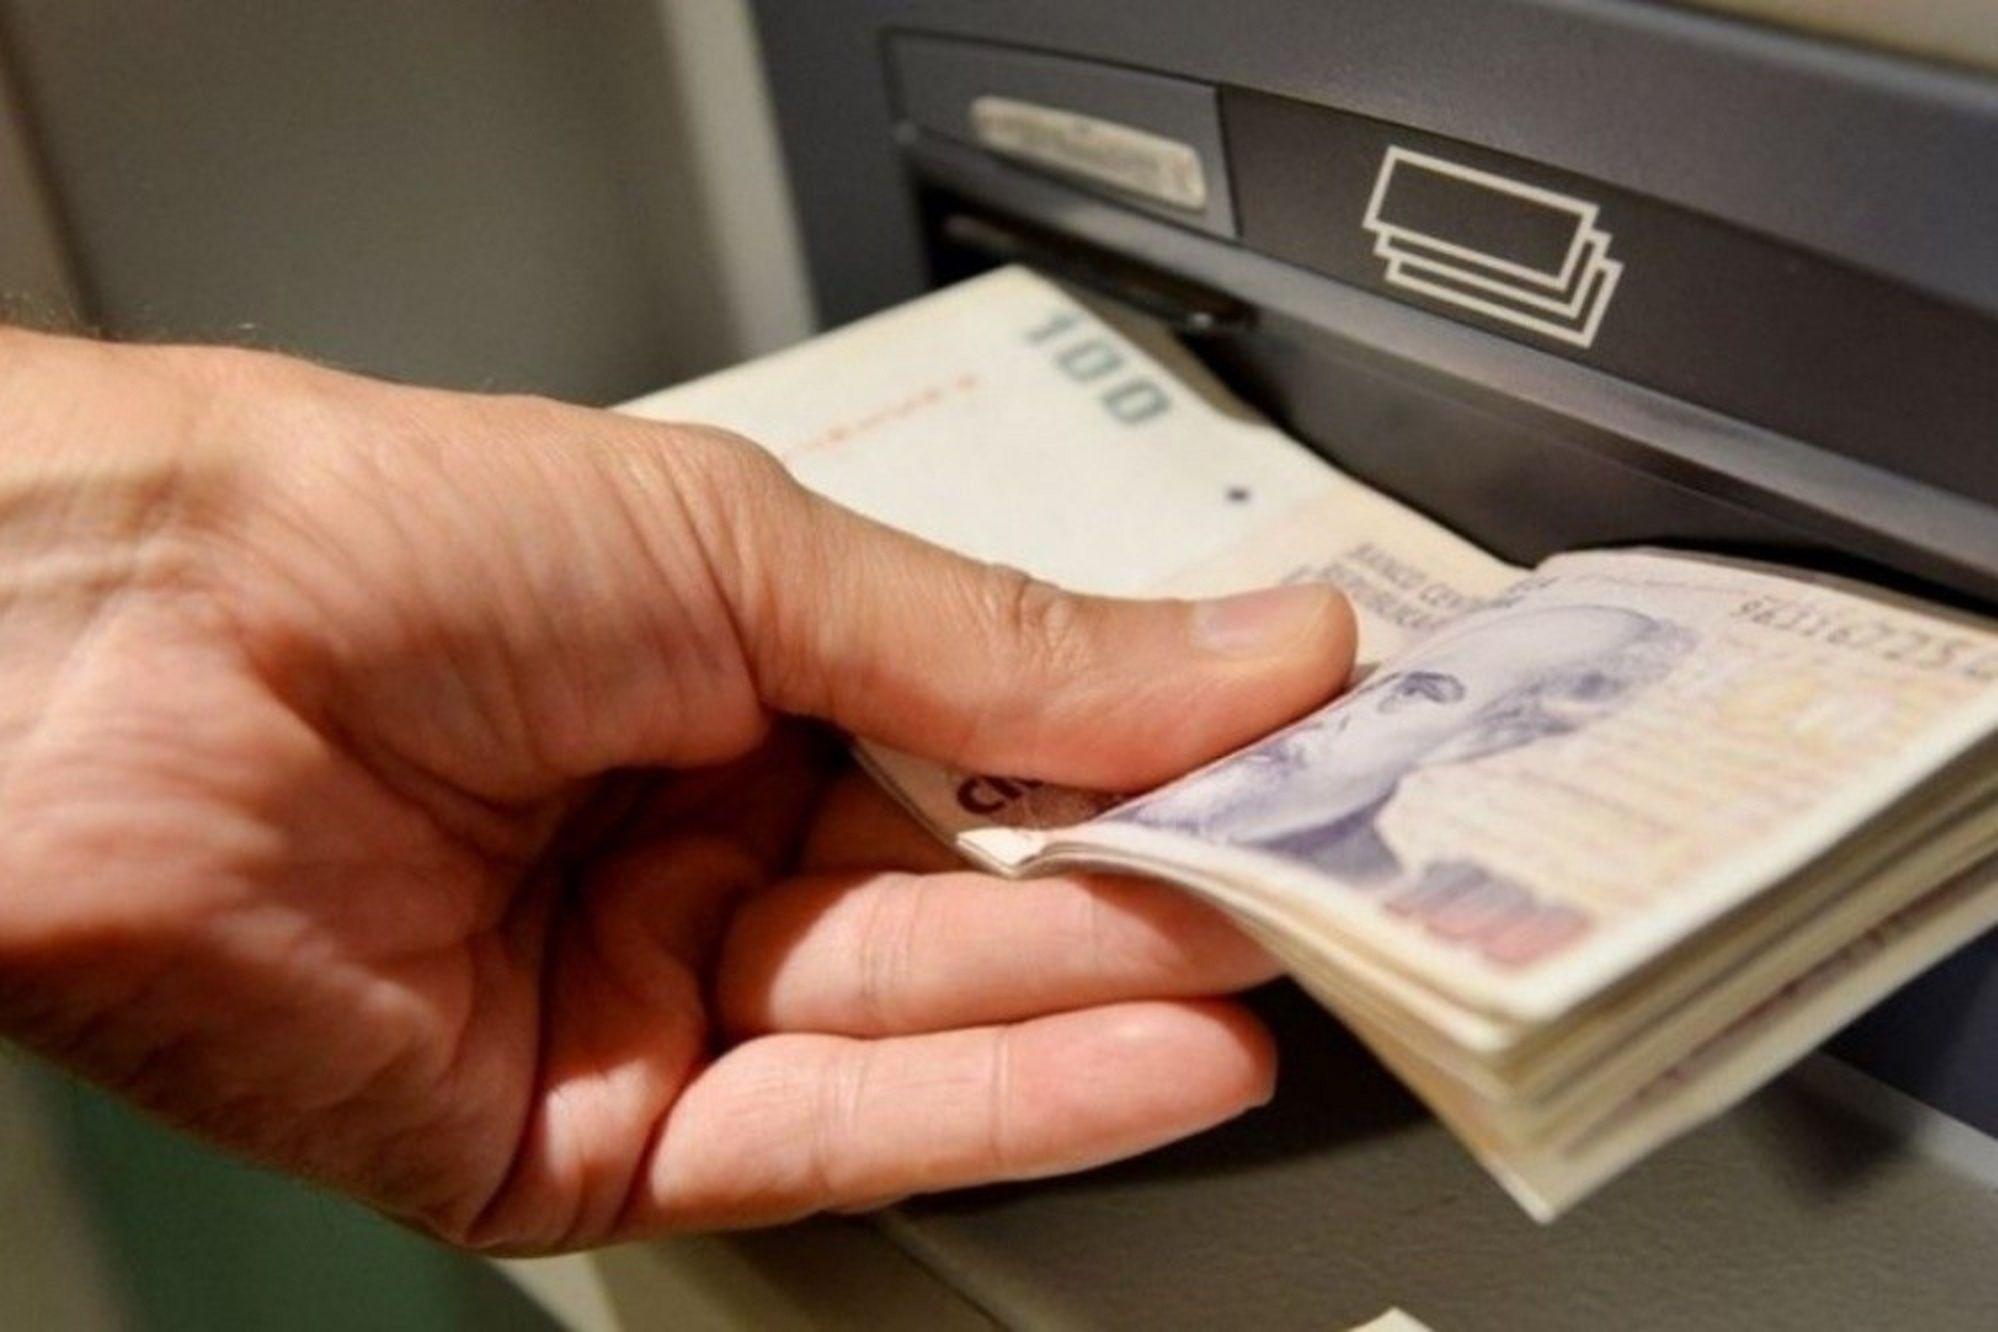 El estafado le hizo pedir un préstamo de $200.000 y se los robó.